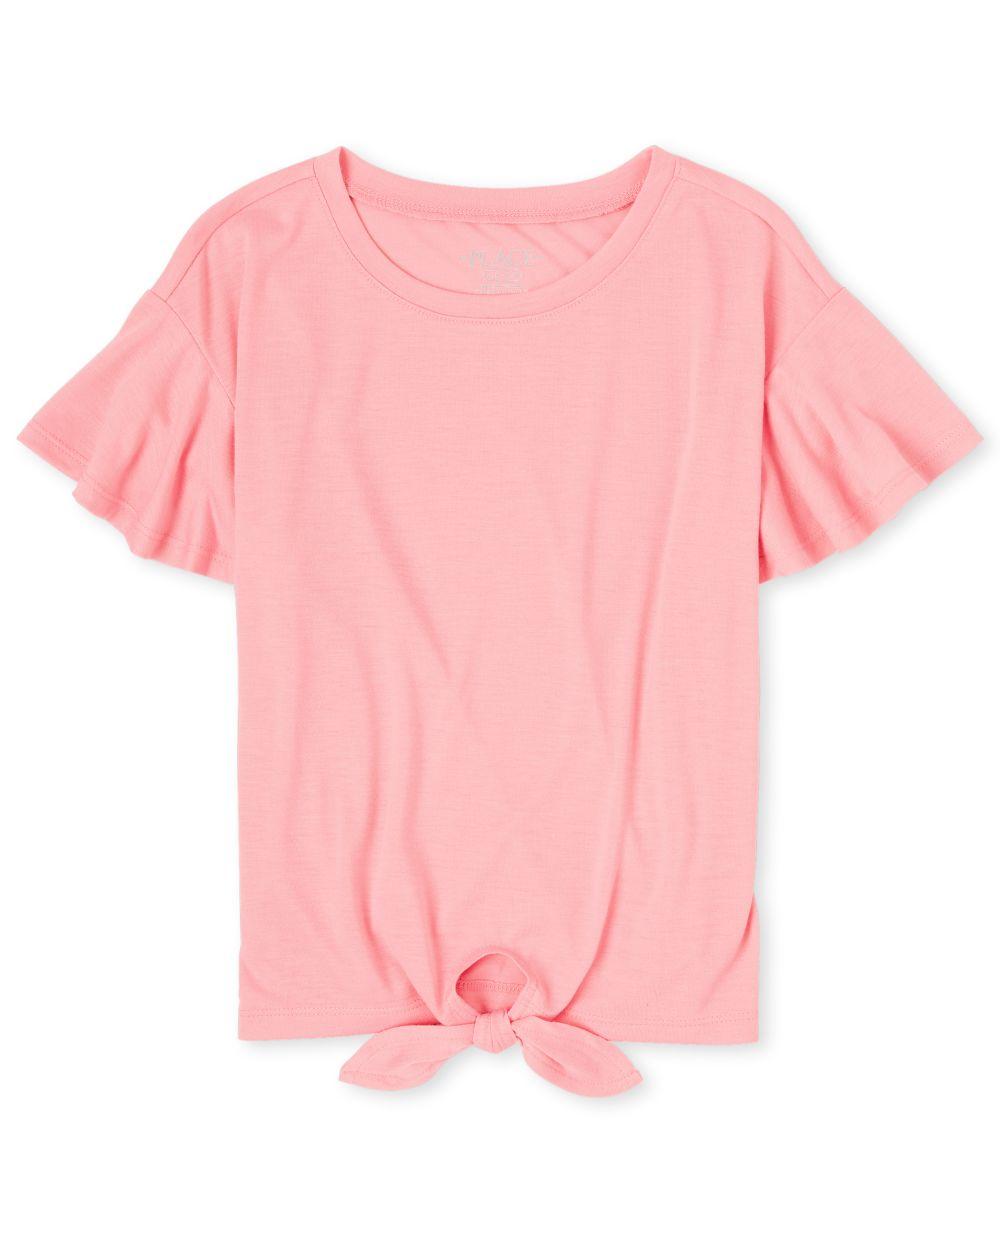 Girls Tie Front Top - Pink